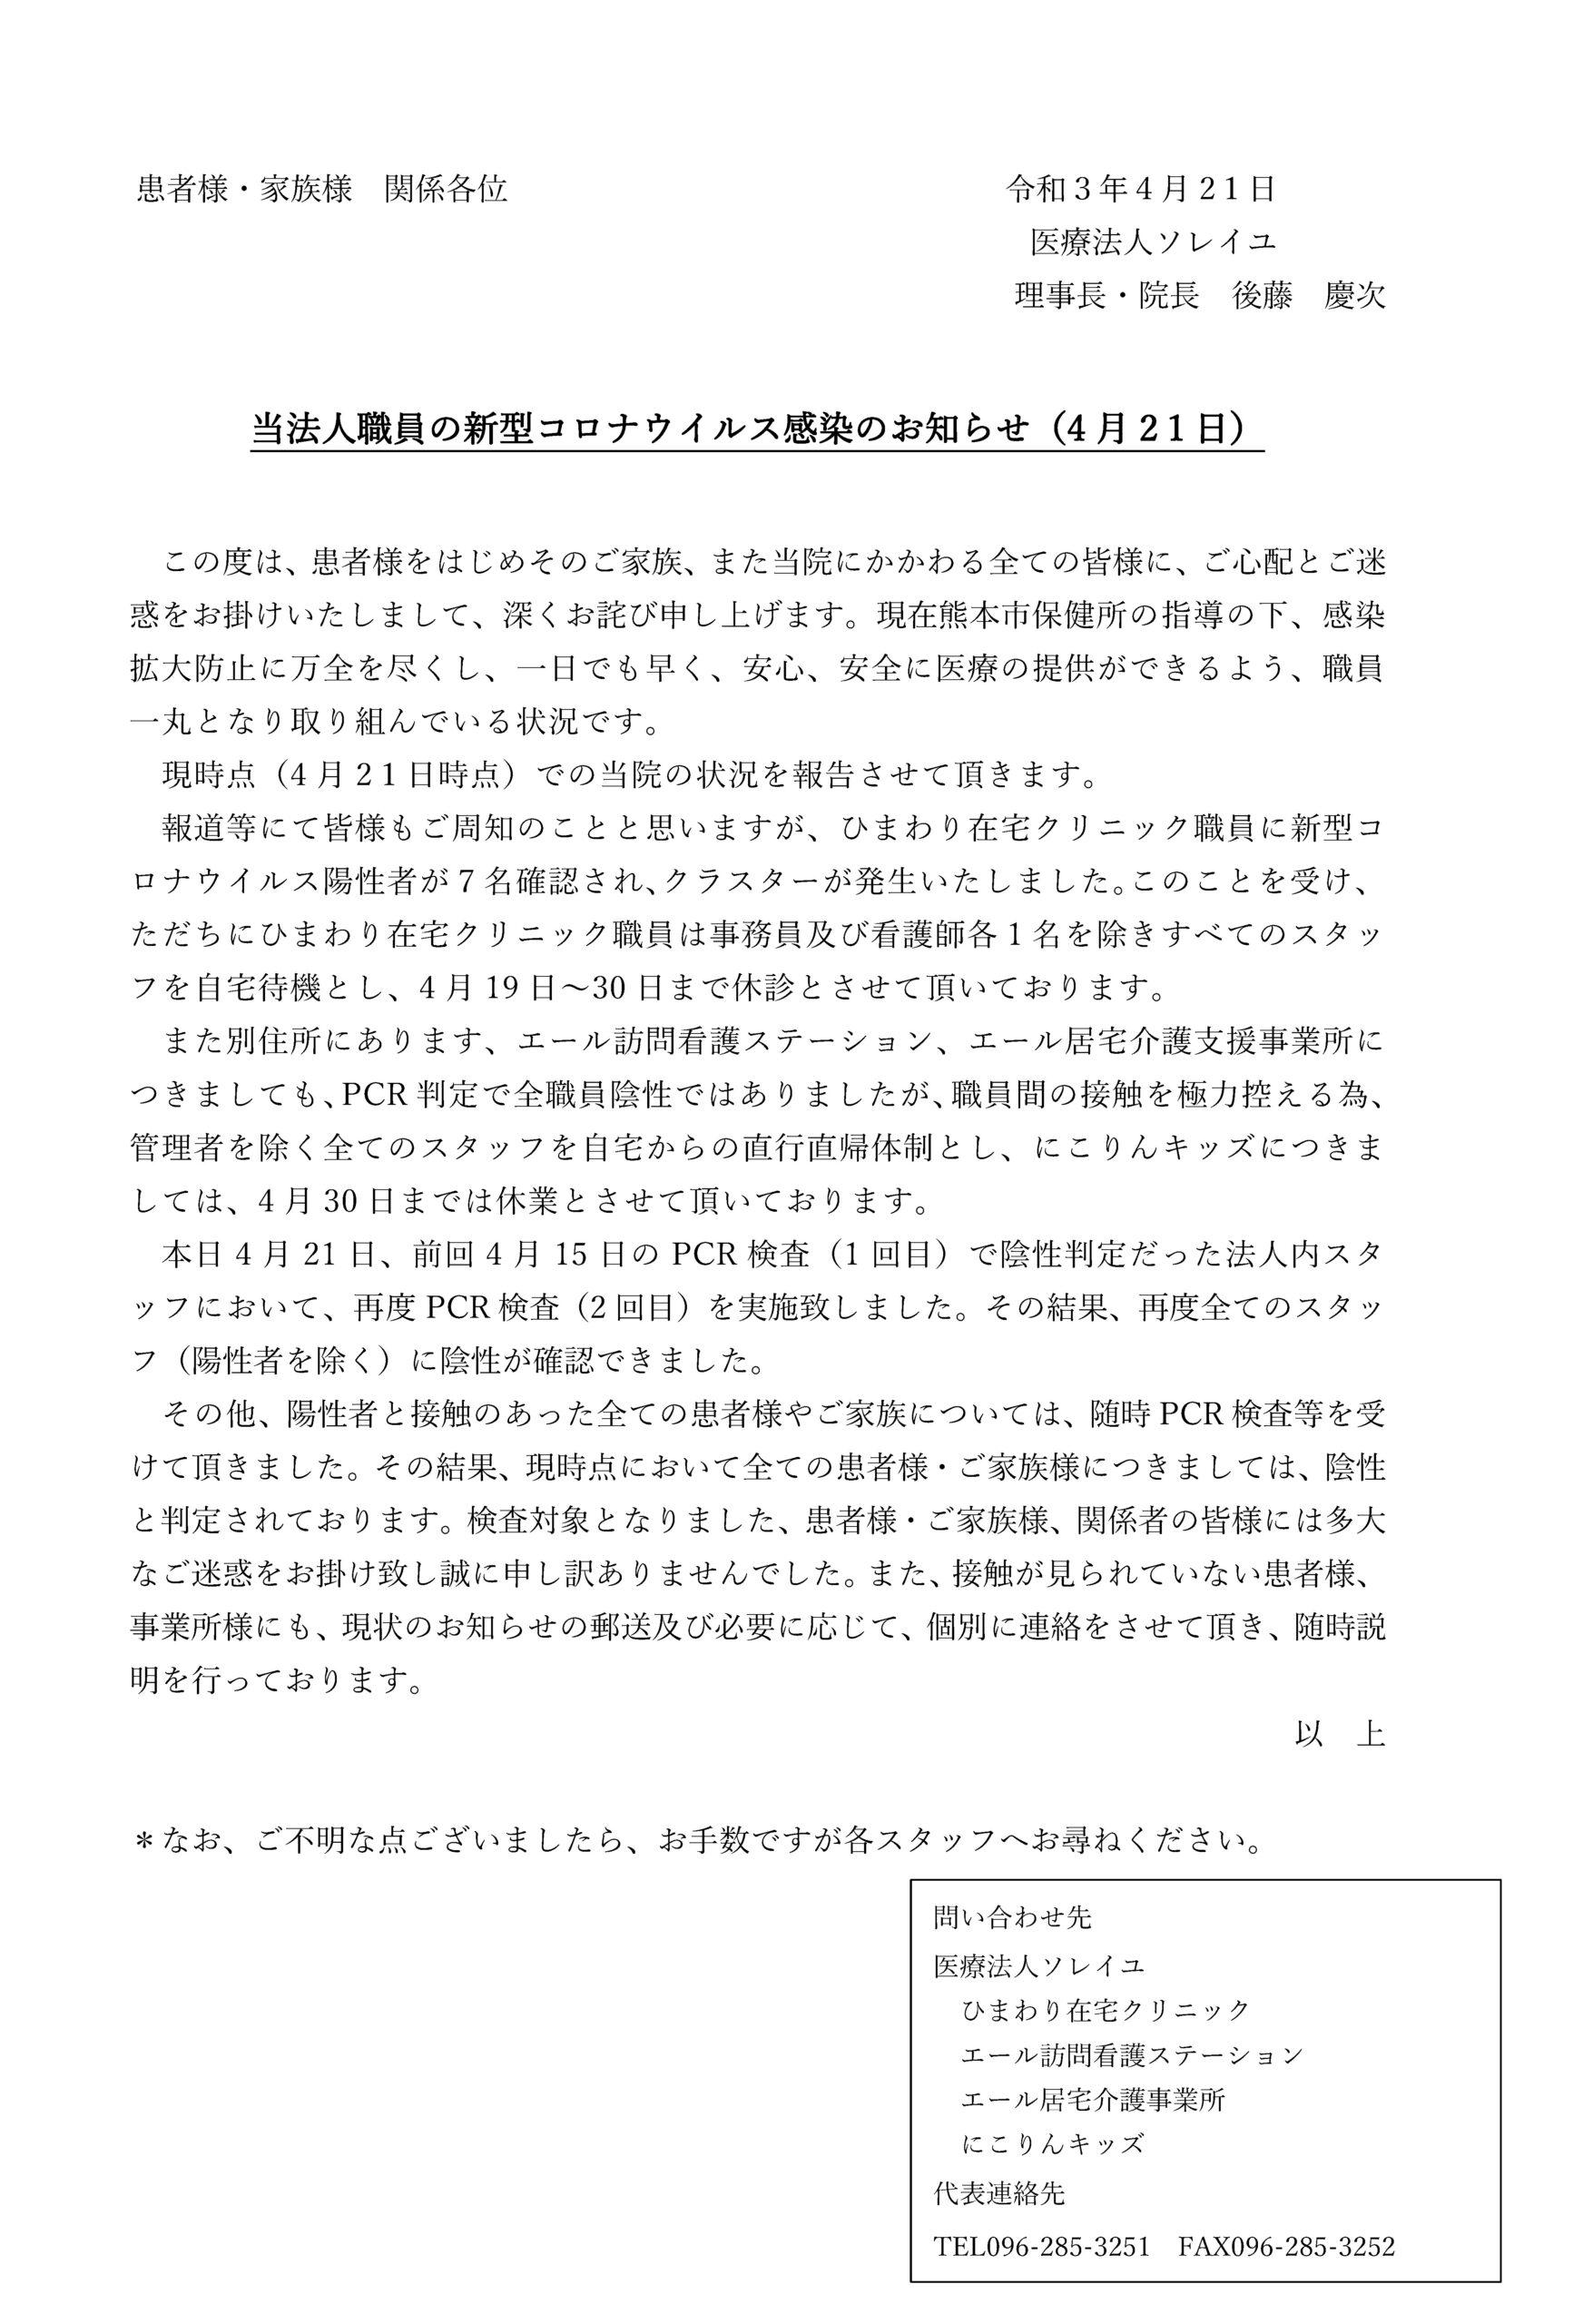 当法人職員の新型コロナウイルス感染に関するお知らせ(4月21日時点)